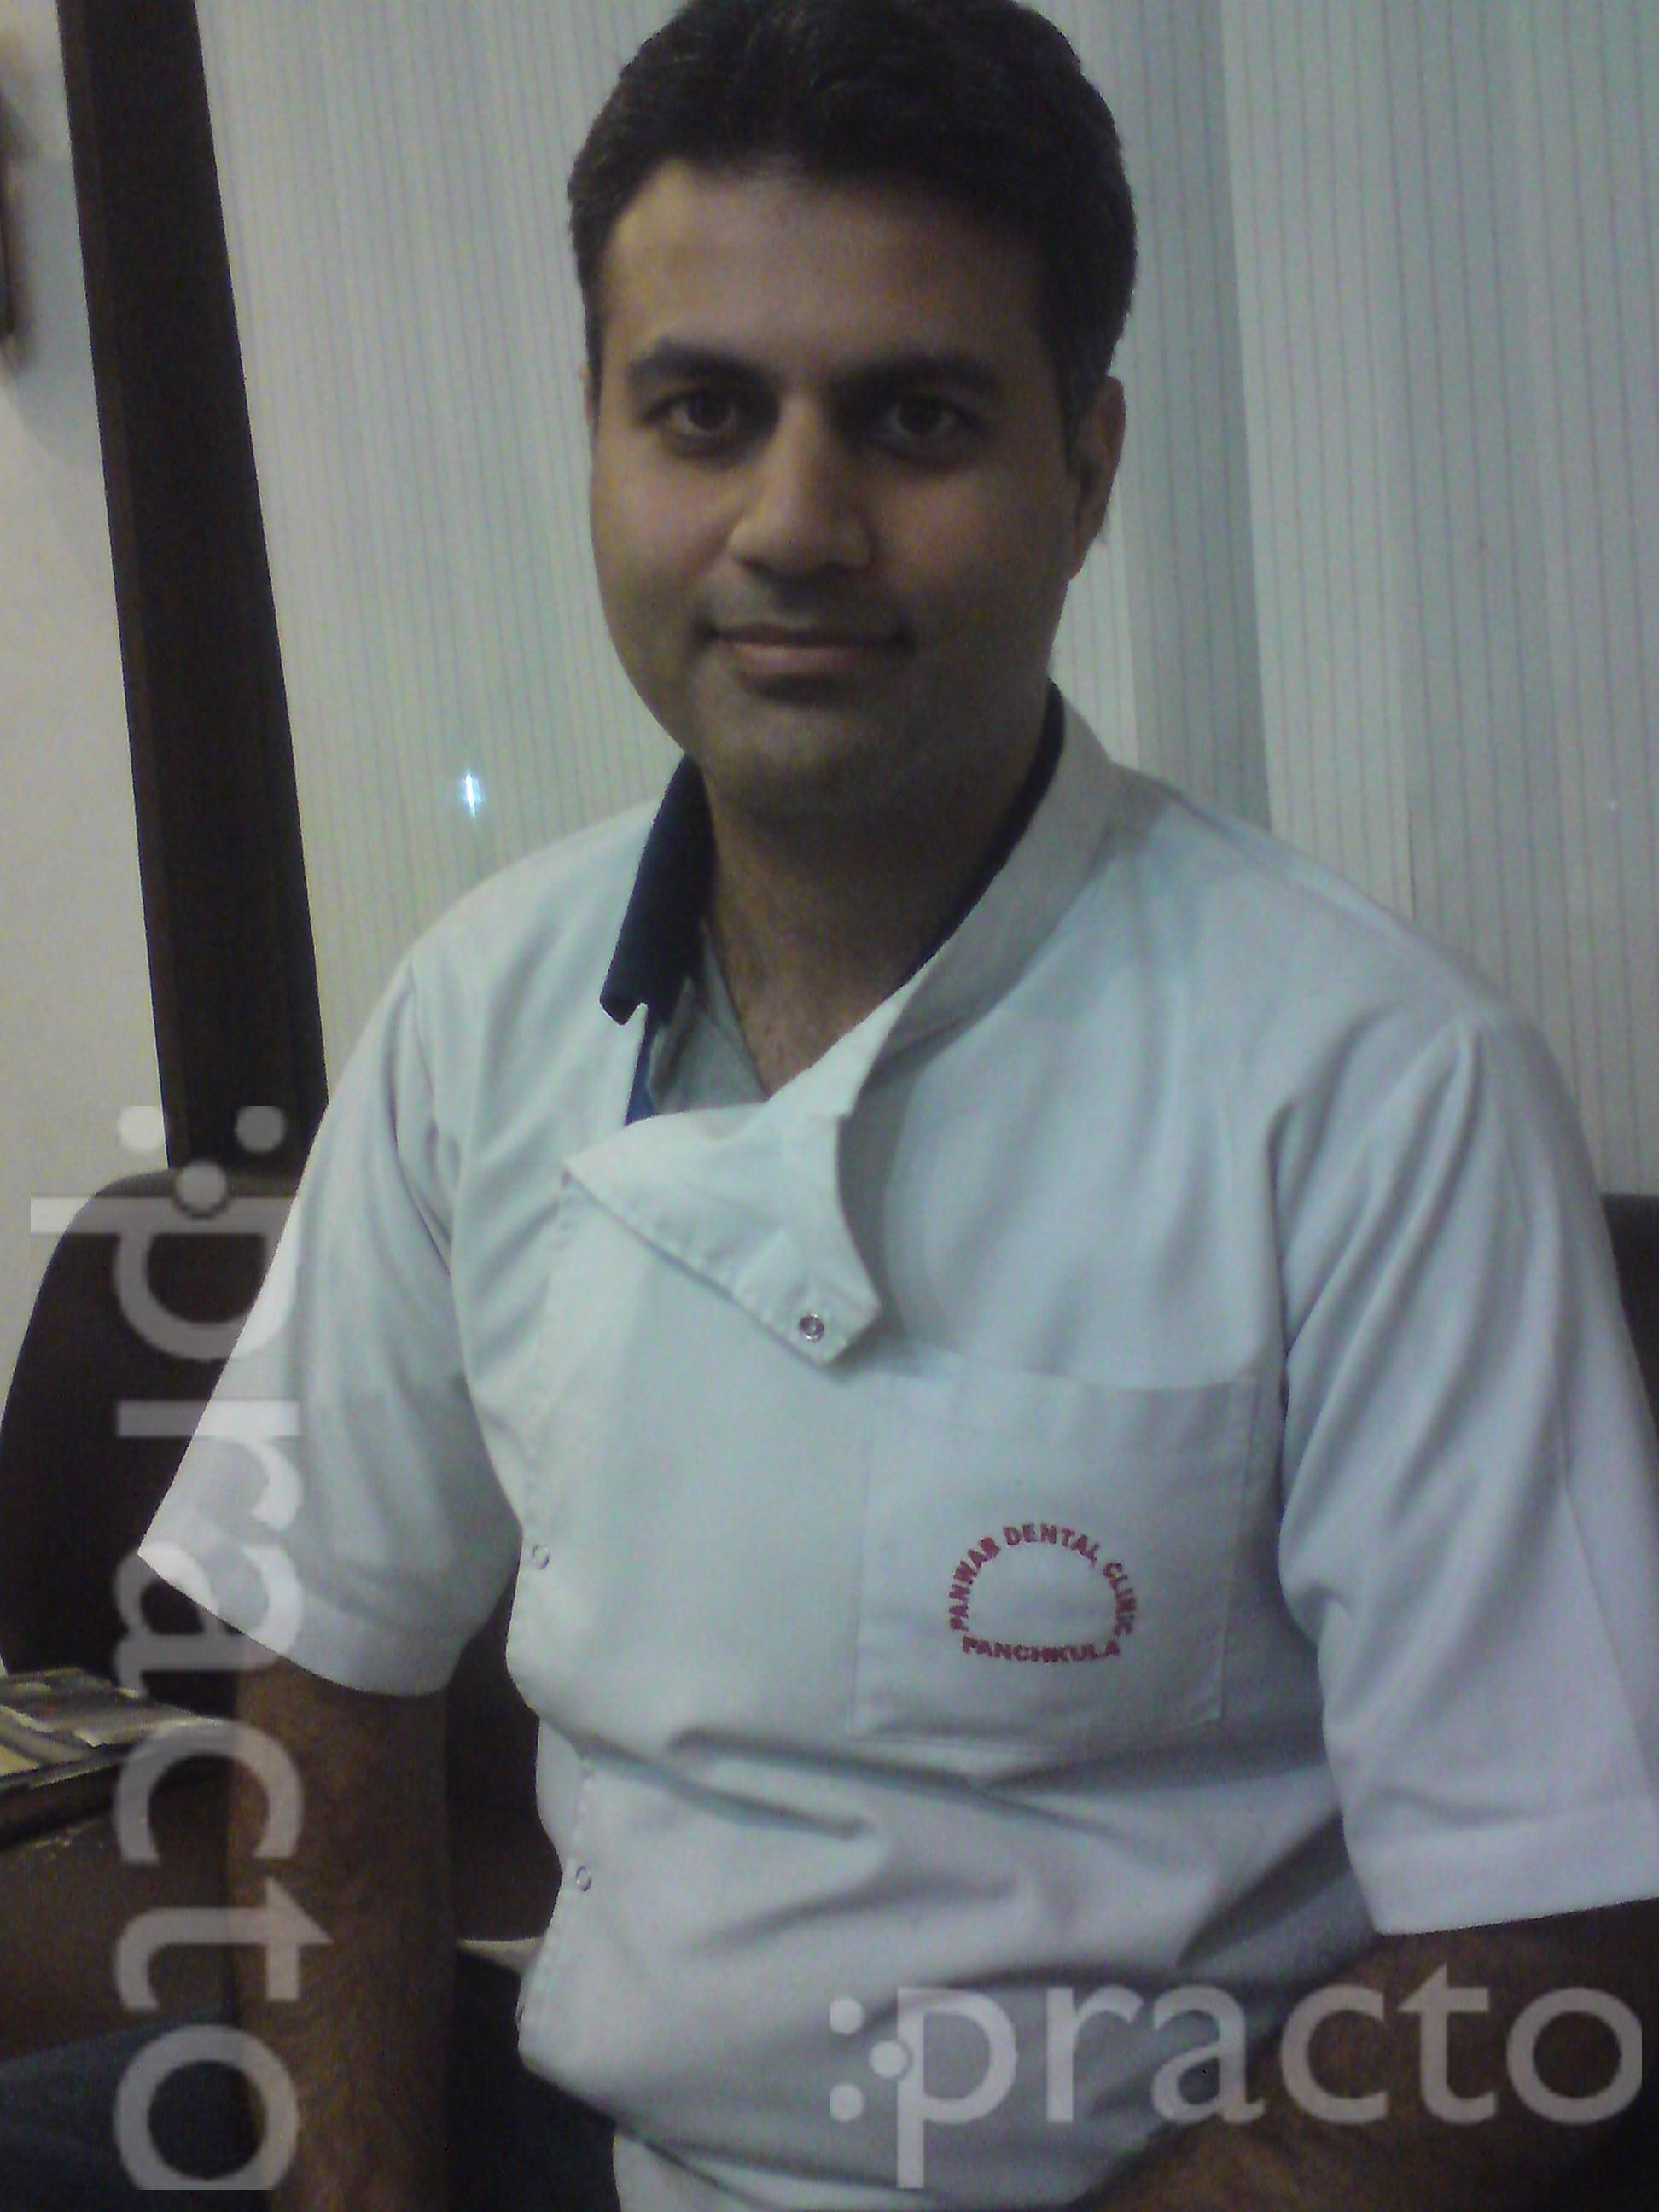 Dr. Rajat Sahotra - Dentist